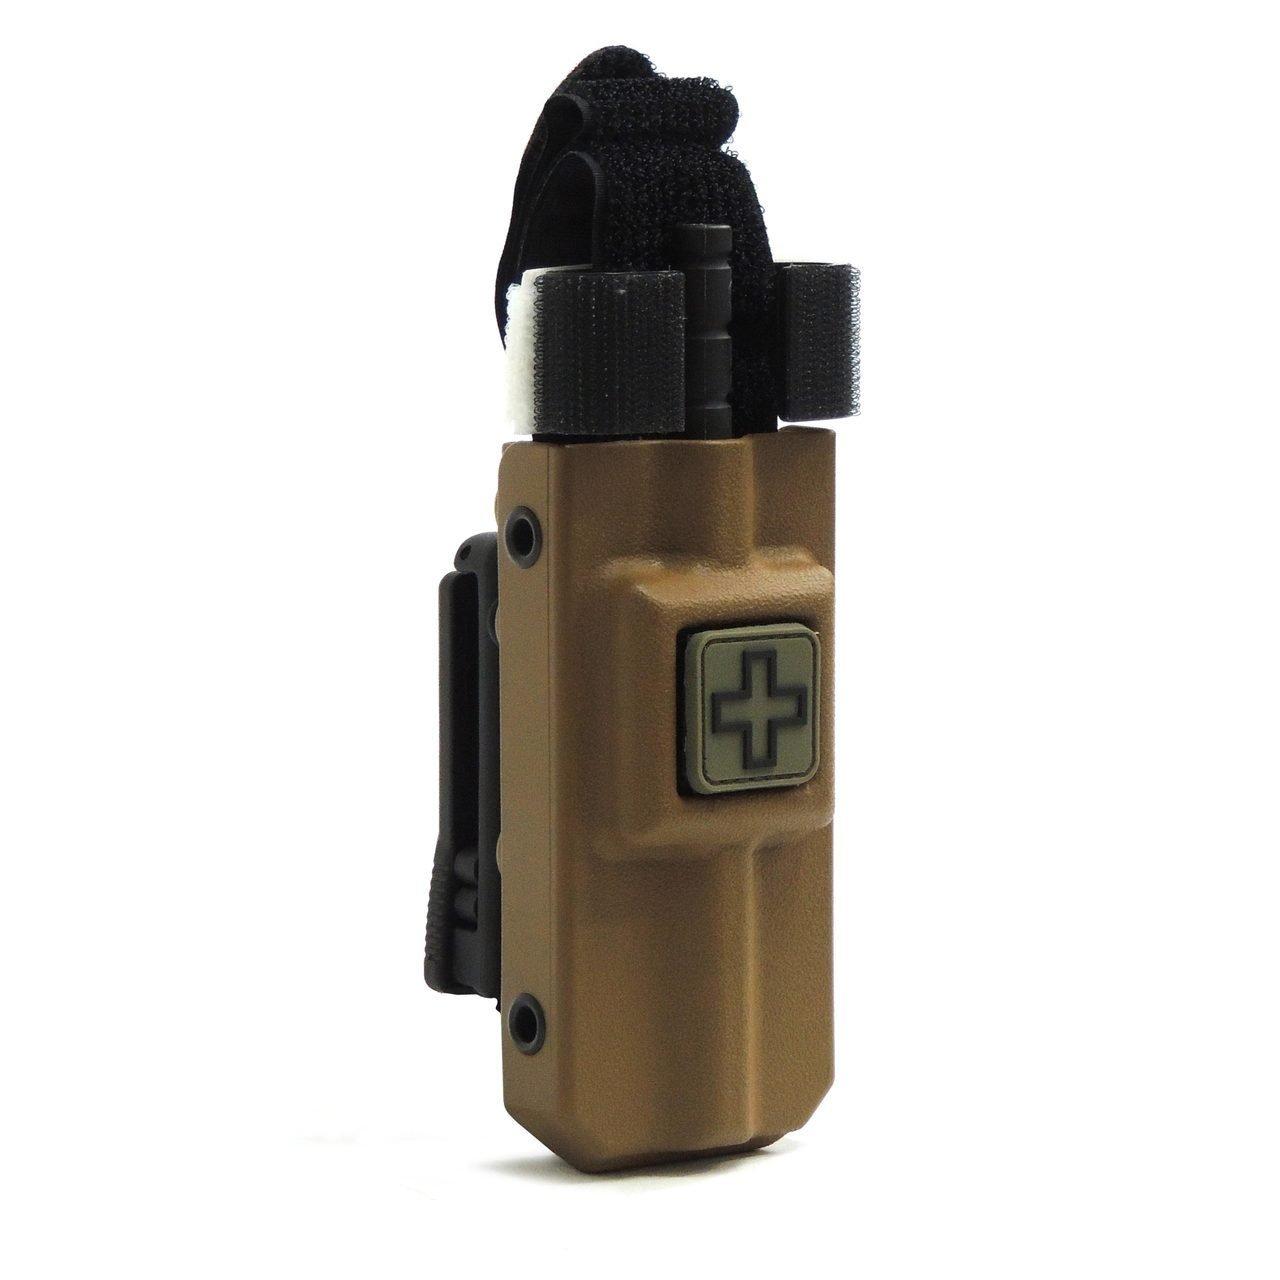 Tourniquet Case: C-A-T® Rigid Tourniquet Case With Tek-Lok Belt Attachment (Coyote Tan)